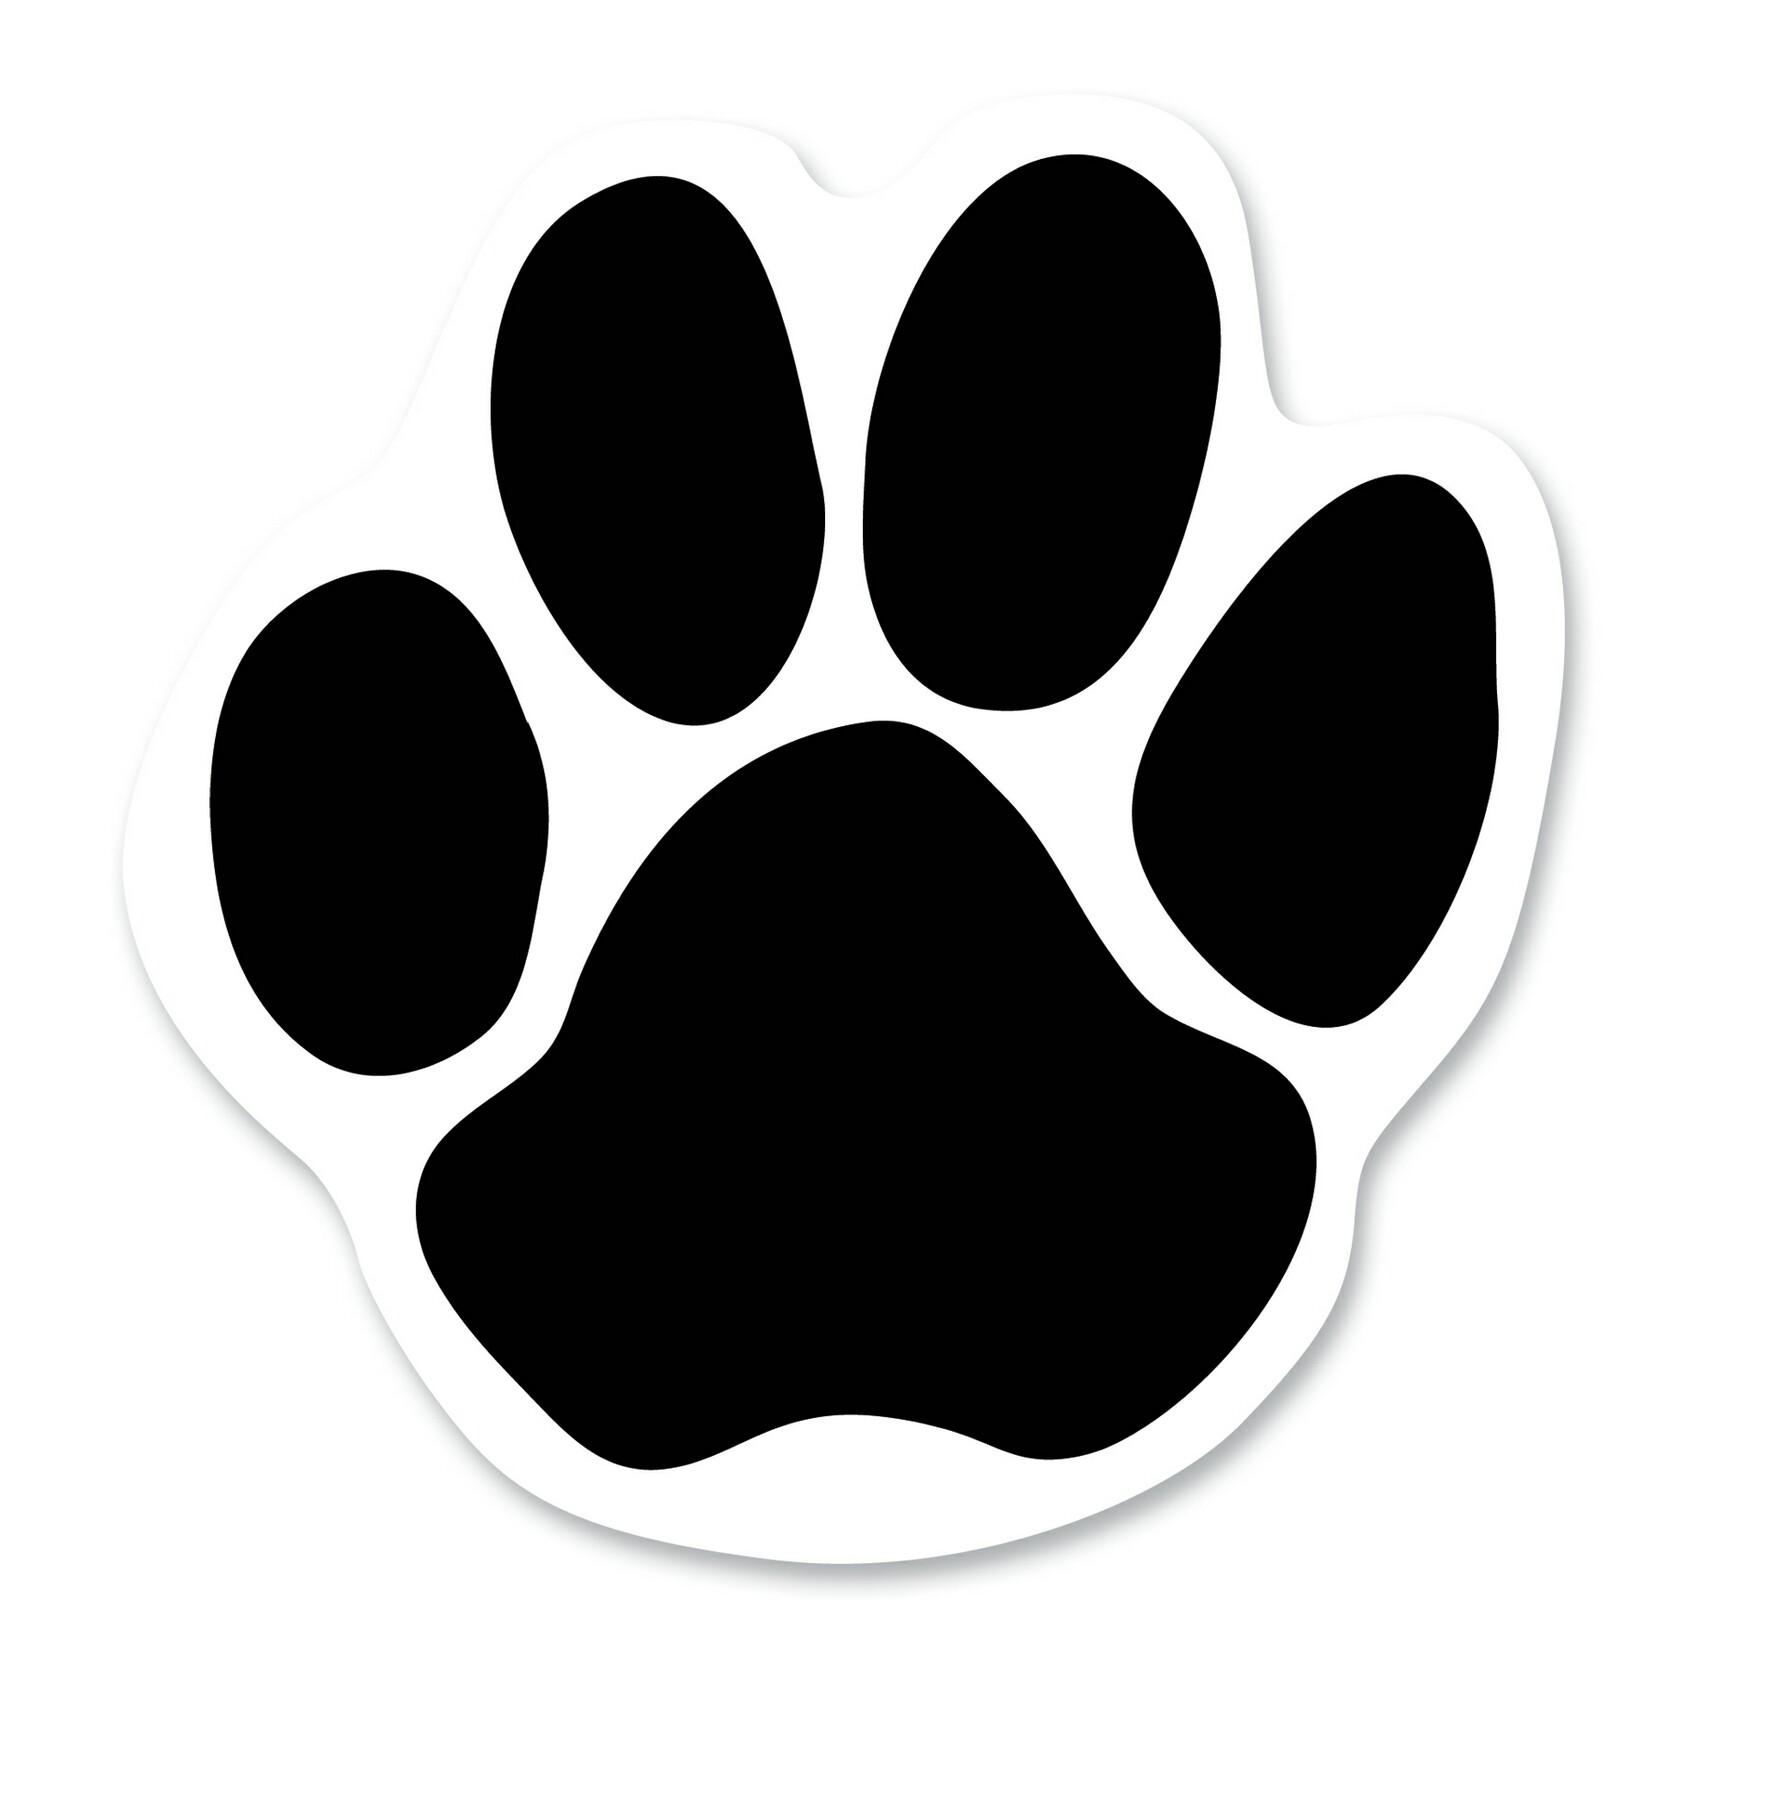 Printable Dog Paw Print Template